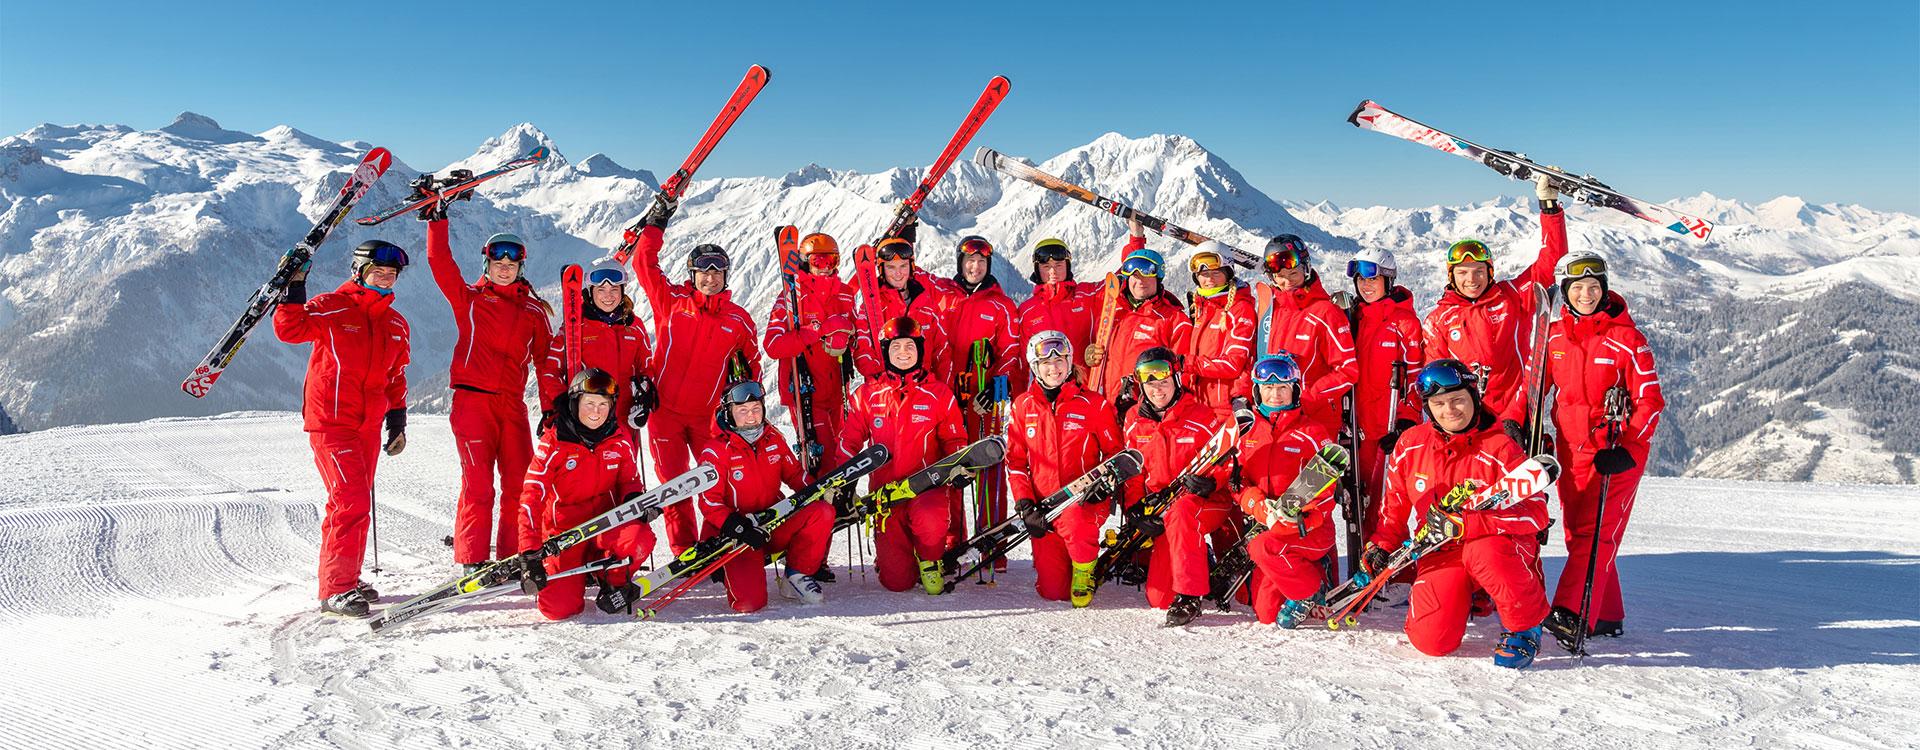 Team der Schischule Walchhofer Top Alpin